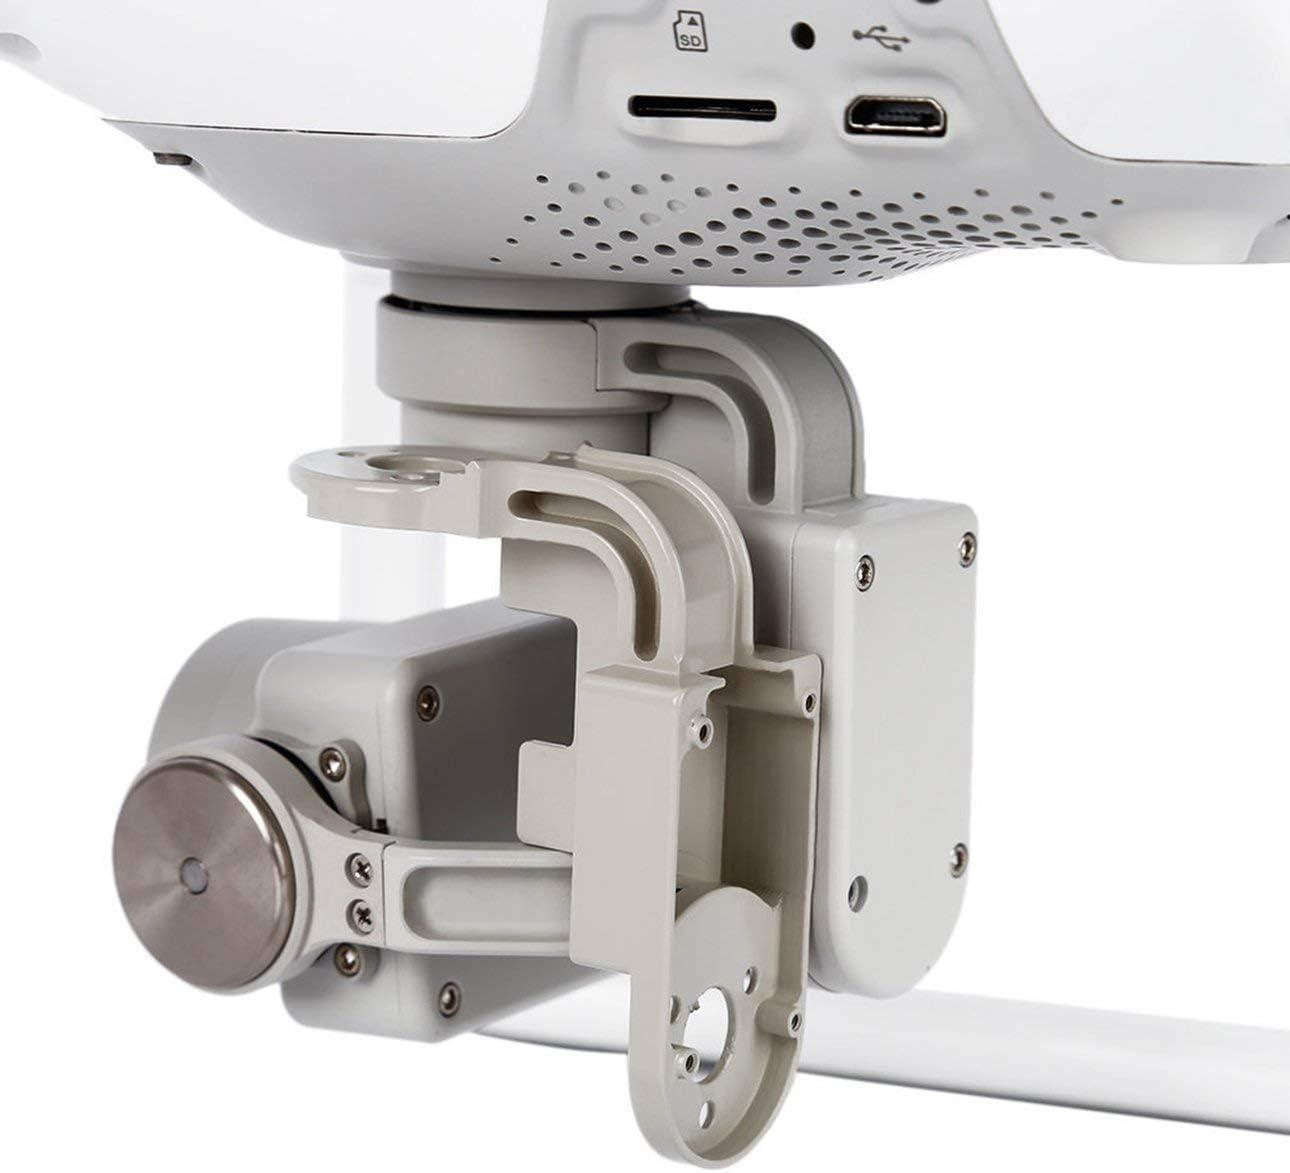 Ballylelly Support de cam/éra pour nacelle sup/érieure//Support de Pied Support antid/érapant Moteur de Lacet//pi/èce de Rechange de Moteur de Rouleau pour DJI Phantom 4 Pro Drone